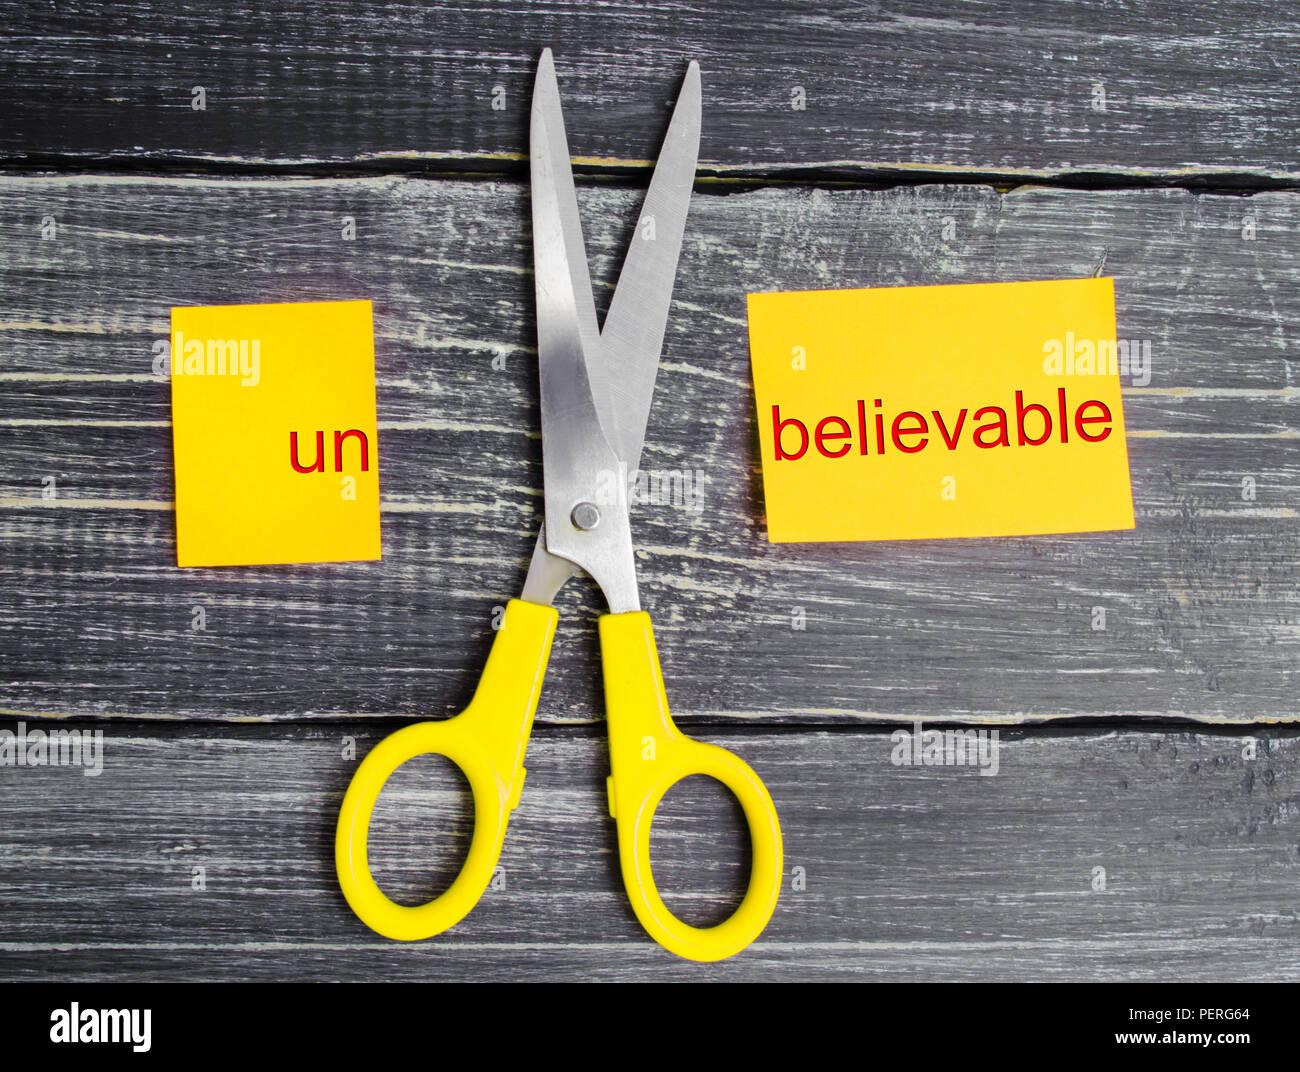 """Forbici battono la parola incredibile. concetto credibile. Tagli la parola 'ONU. """"Posso, raggiungimento degli obiettivi potenziali di superamento Immagini Stock"""